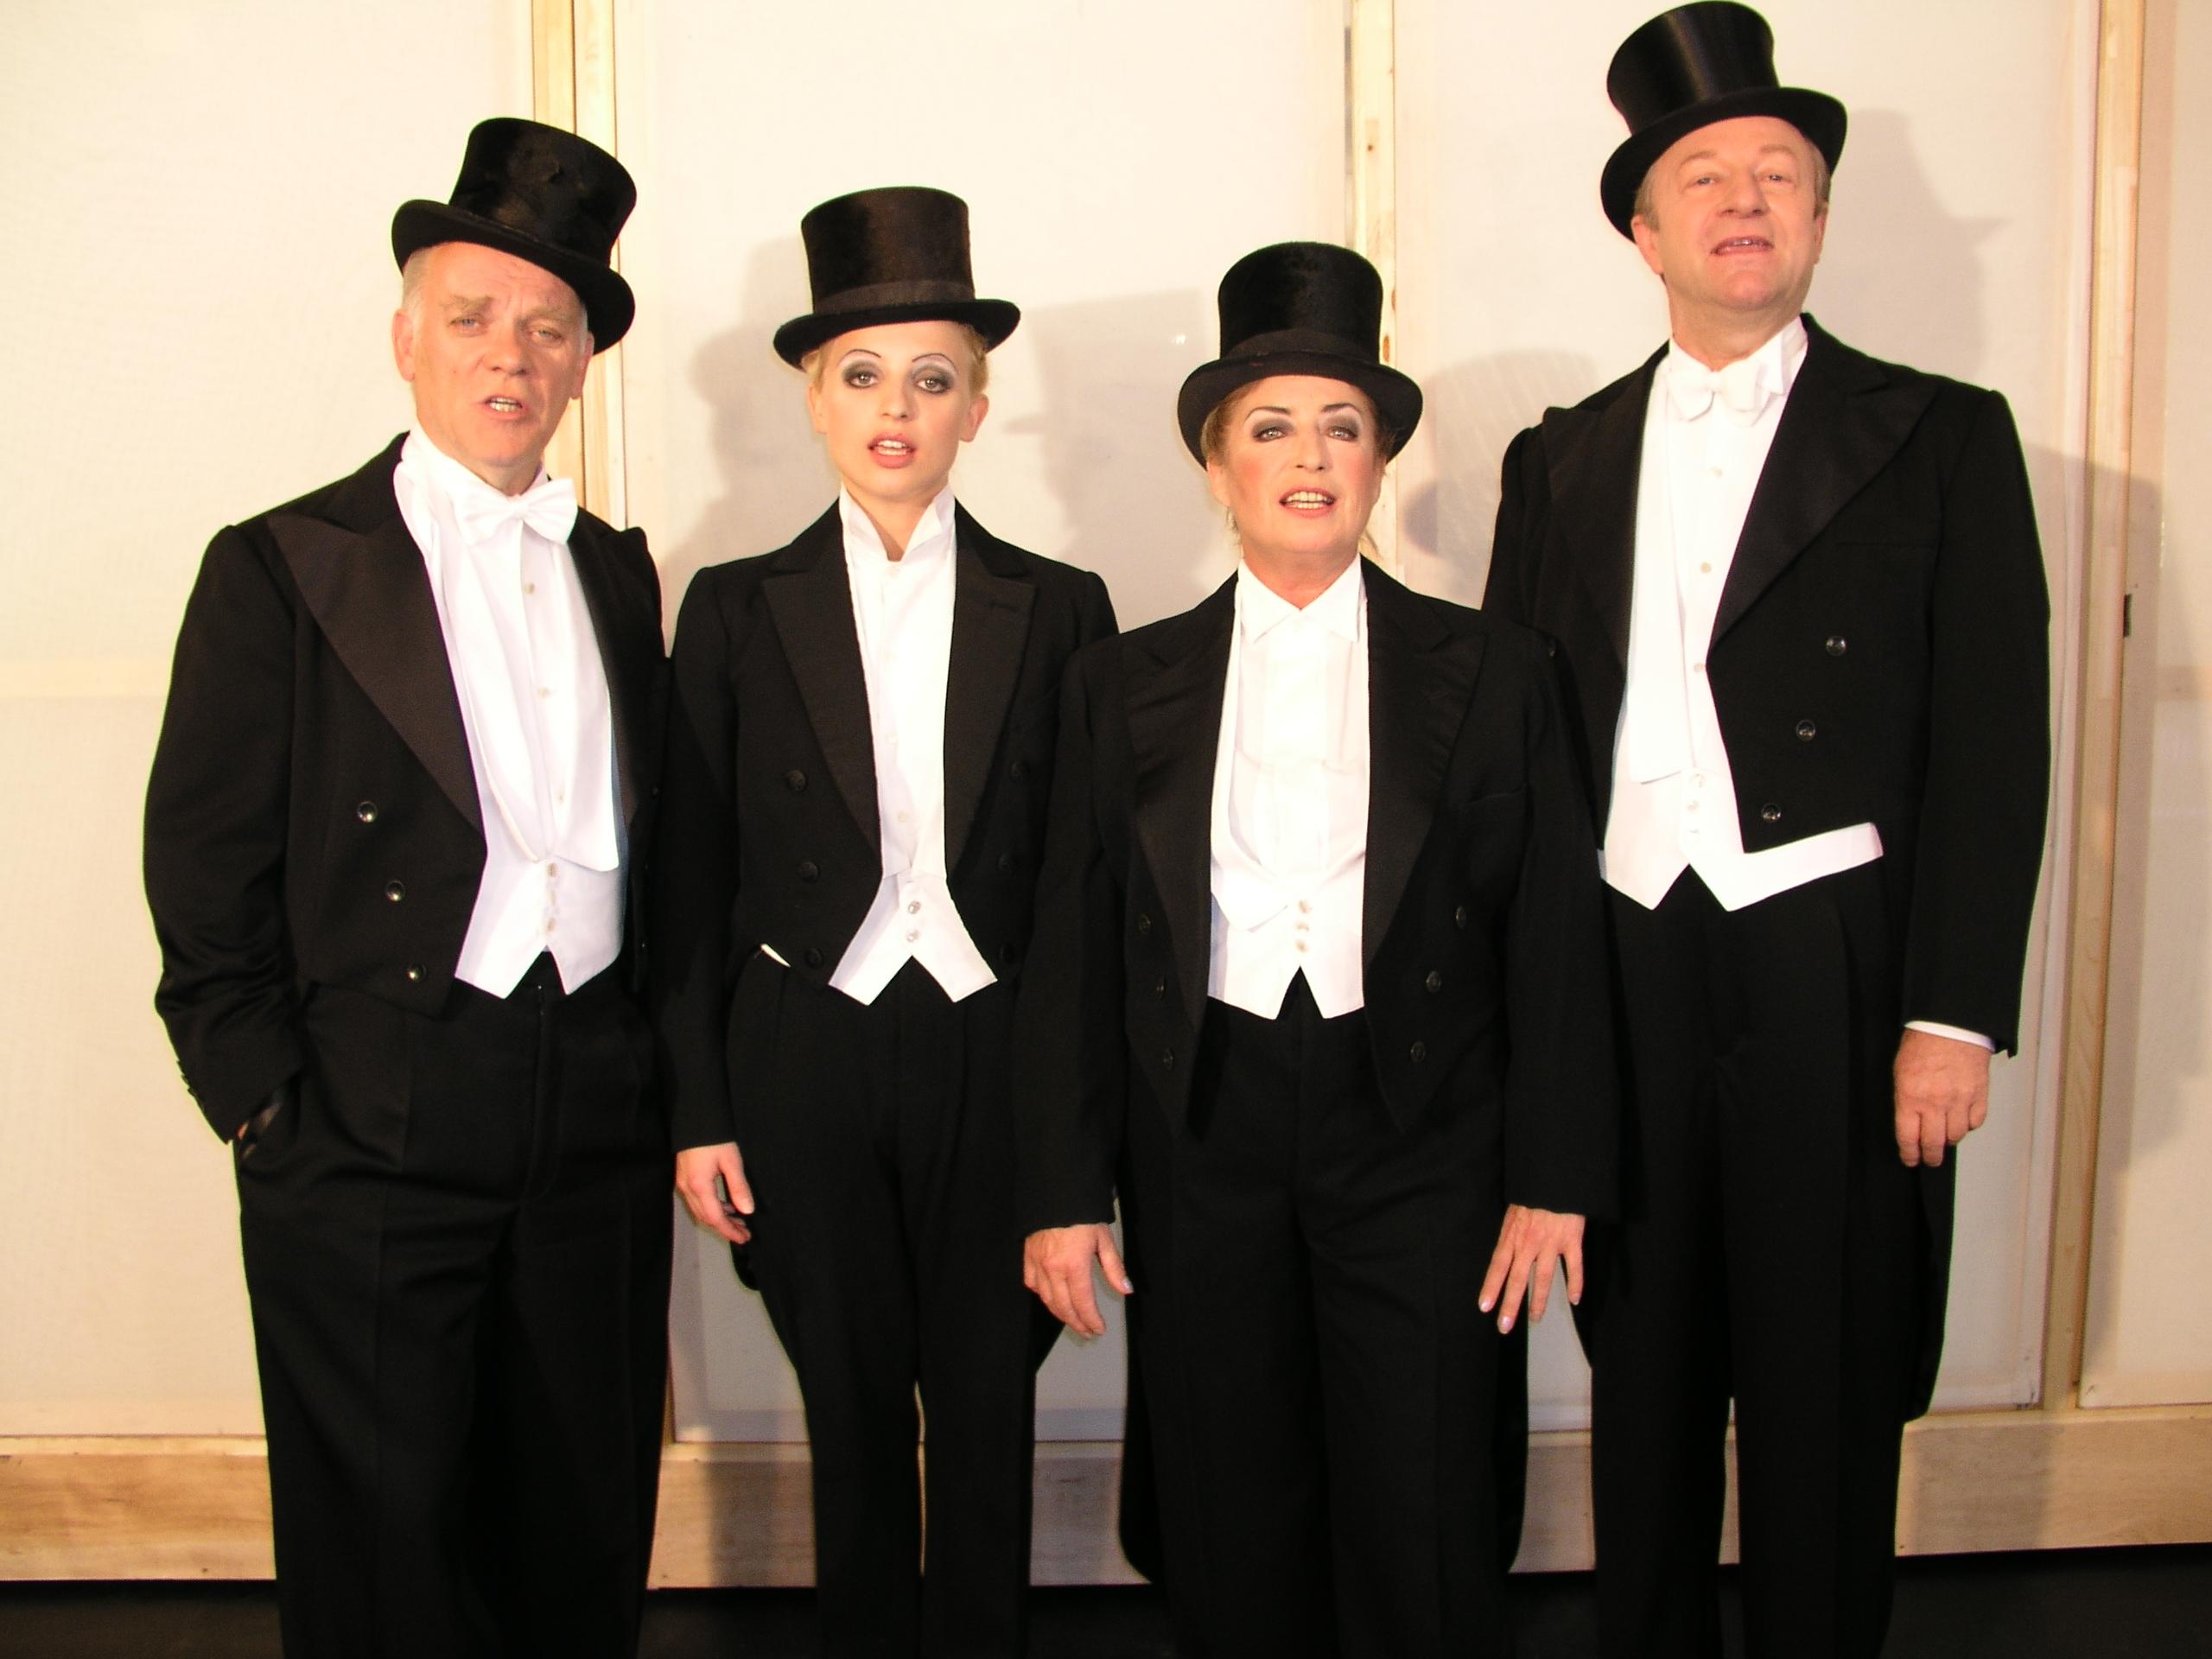 Auf der Reeperbahn - Die St. Pauli Revue - Peter Franke, Anja Boche, Brigitte Janner, Gerhard Garbers